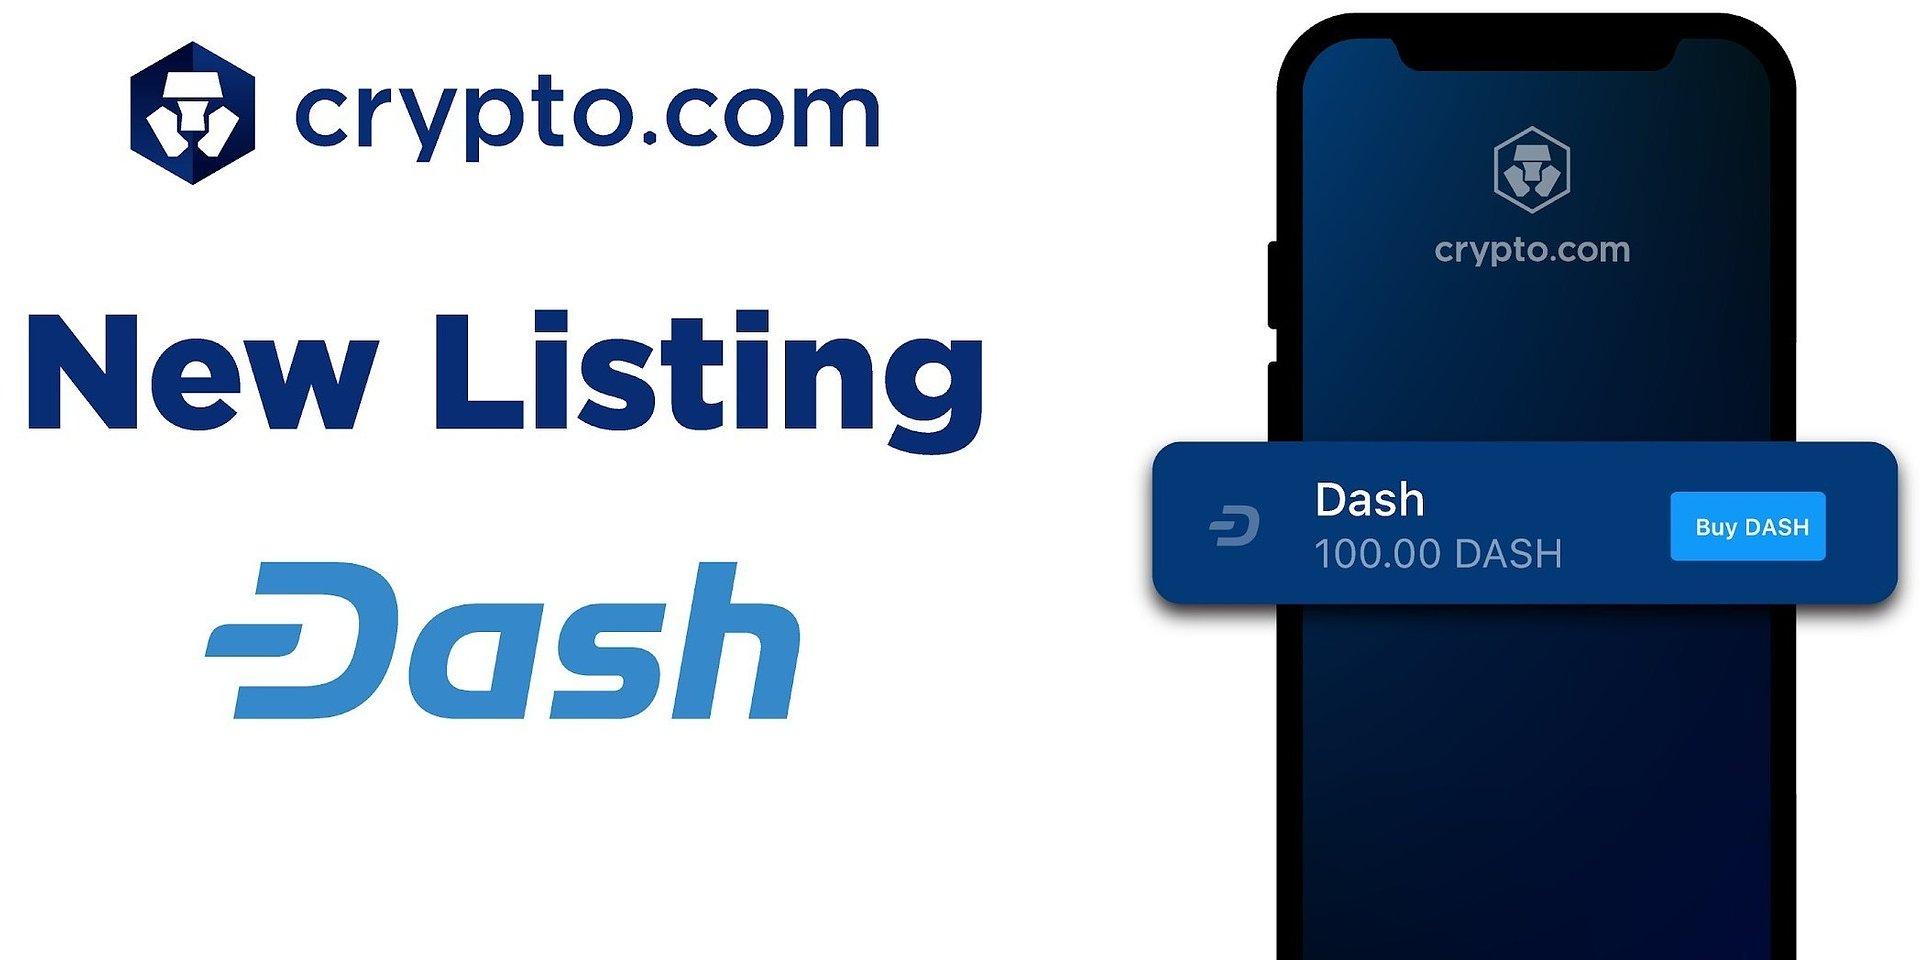 Crypto.com Lists DASH